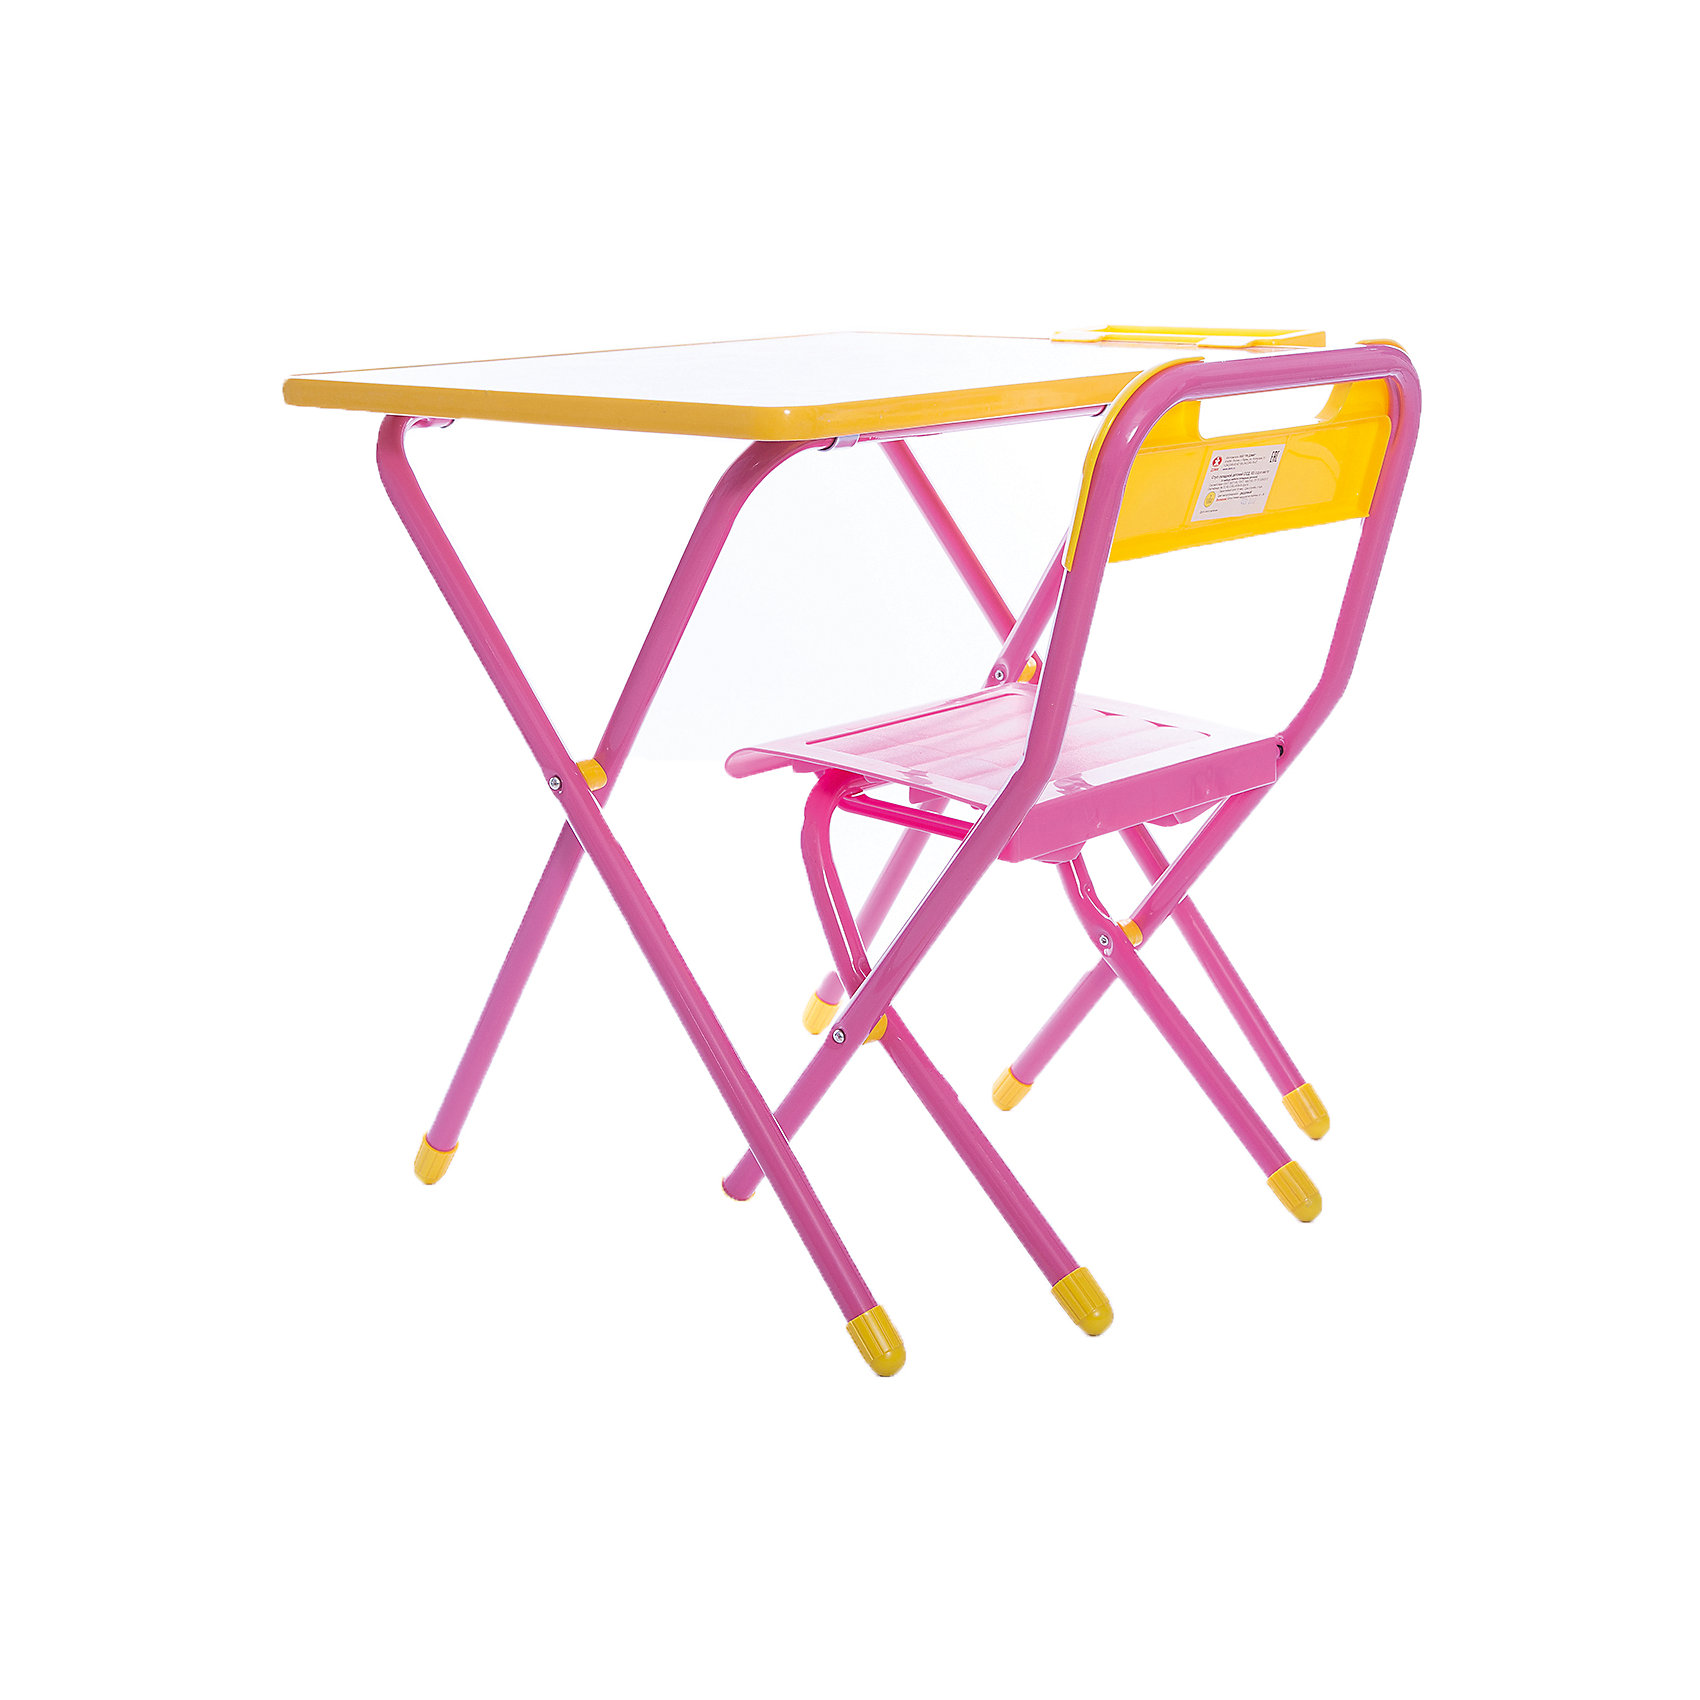 Набор детской складной мебели Винни-Пух, ДэмиМебель<br>Каждый ребенок нуждается в удобной, специальной мебели, чтобы его организм мог развиваться правильно. Такая мебель может быть еще и яркой, а также выполнять обучающую функцию.<br>Набор детской складной мебели Винни-Пух - это универсальный комплект необходимых предметов для малыша. Он состоит из стула и стола, выполненных в ярких цветах. Столешница позволяет разместить на ней все необходимые предметы: можно есть, играть или учиться! На ней расположены обучающие рисунки, также прикреплен специальный пенал для канцелярии. Разработан в соответствии с рекомендациями врачей-ортопедов. Сделан из безопасных для ребенка материалов.<br><br><br>Дополнительная информация:<br><br>материал: металл, пластик;<br>просторная столешница;<br>оригинальный яркий дизайн;<br>обучающие изображения на столешнице;<br>легко моется;<br>соответствует рекомендациям ортопедов;<br>боковой пенал для канцелярии;<br>для детей ростом от 130 до 145 см;<br>размер столешницы: 45 х 60 см;<br>высота столешницы: 58 см;<br>высота стула: 34 см;<br>сиденье: 26х28 см;<br>спинка: 12х34 см;<br>максимальная нагрузка: 40 кг.<br><br>Набор детской складной мебели Винни-Пух можно купить в нашем магазине.<br><br>Ширина мм: 77<br>Глубина мм: 73<br>Высота мм: 15<br>Вес г: 8500<br>Возраст от месяцев: 48<br>Возраст до месяцев: 96<br>Пол: Унисекс<br>Возраст: Детский<br>SKU: 4693957